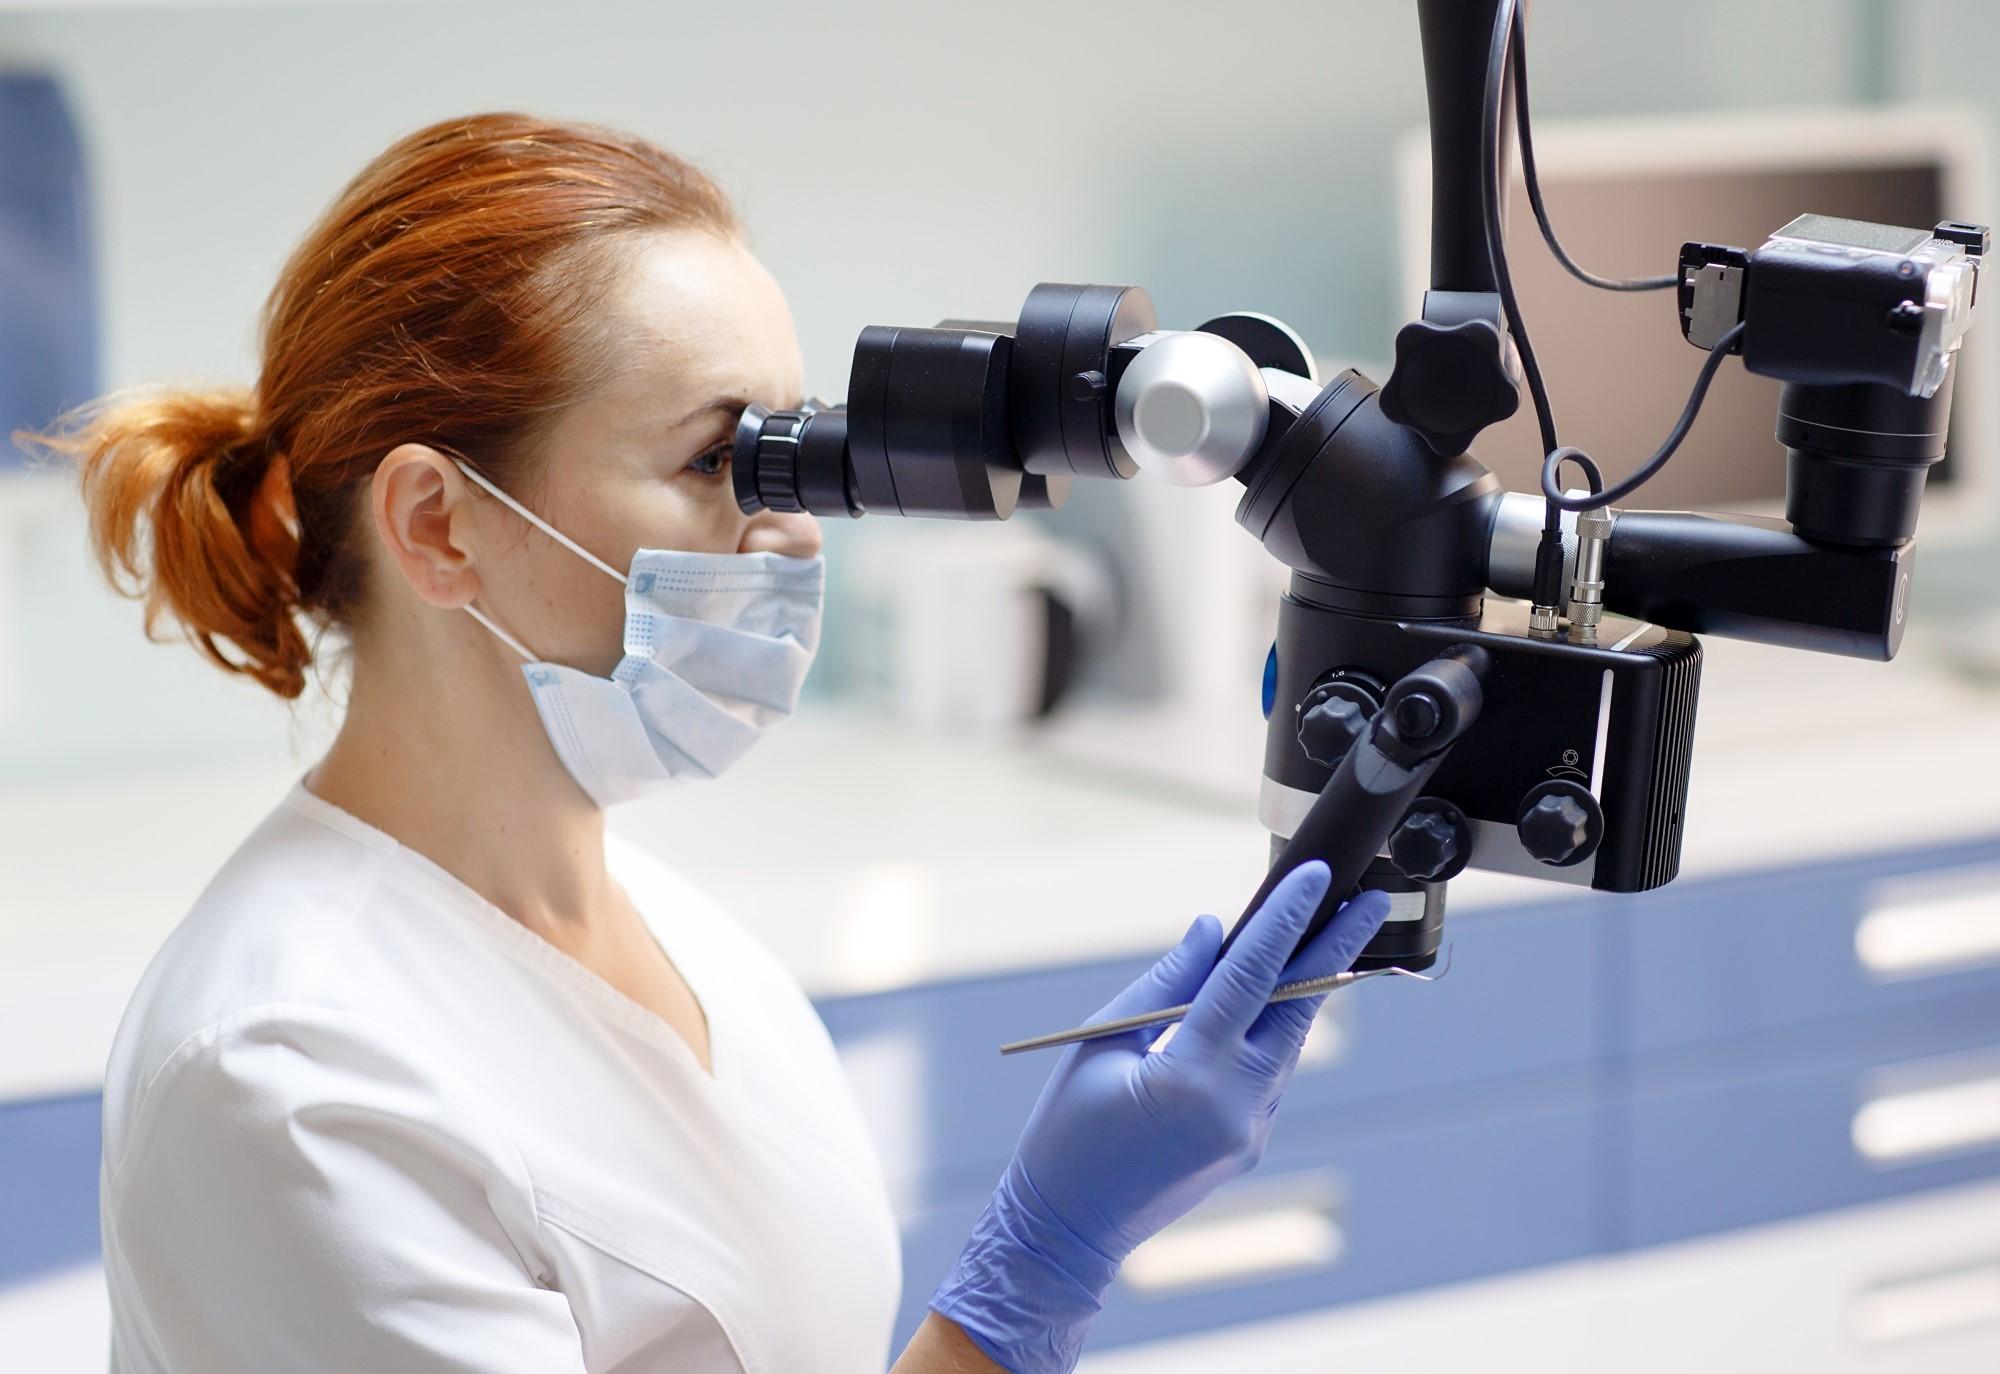 leczenie kanałowe zębów pod mikroskopem w gabinecie stomatologicznym dentysta